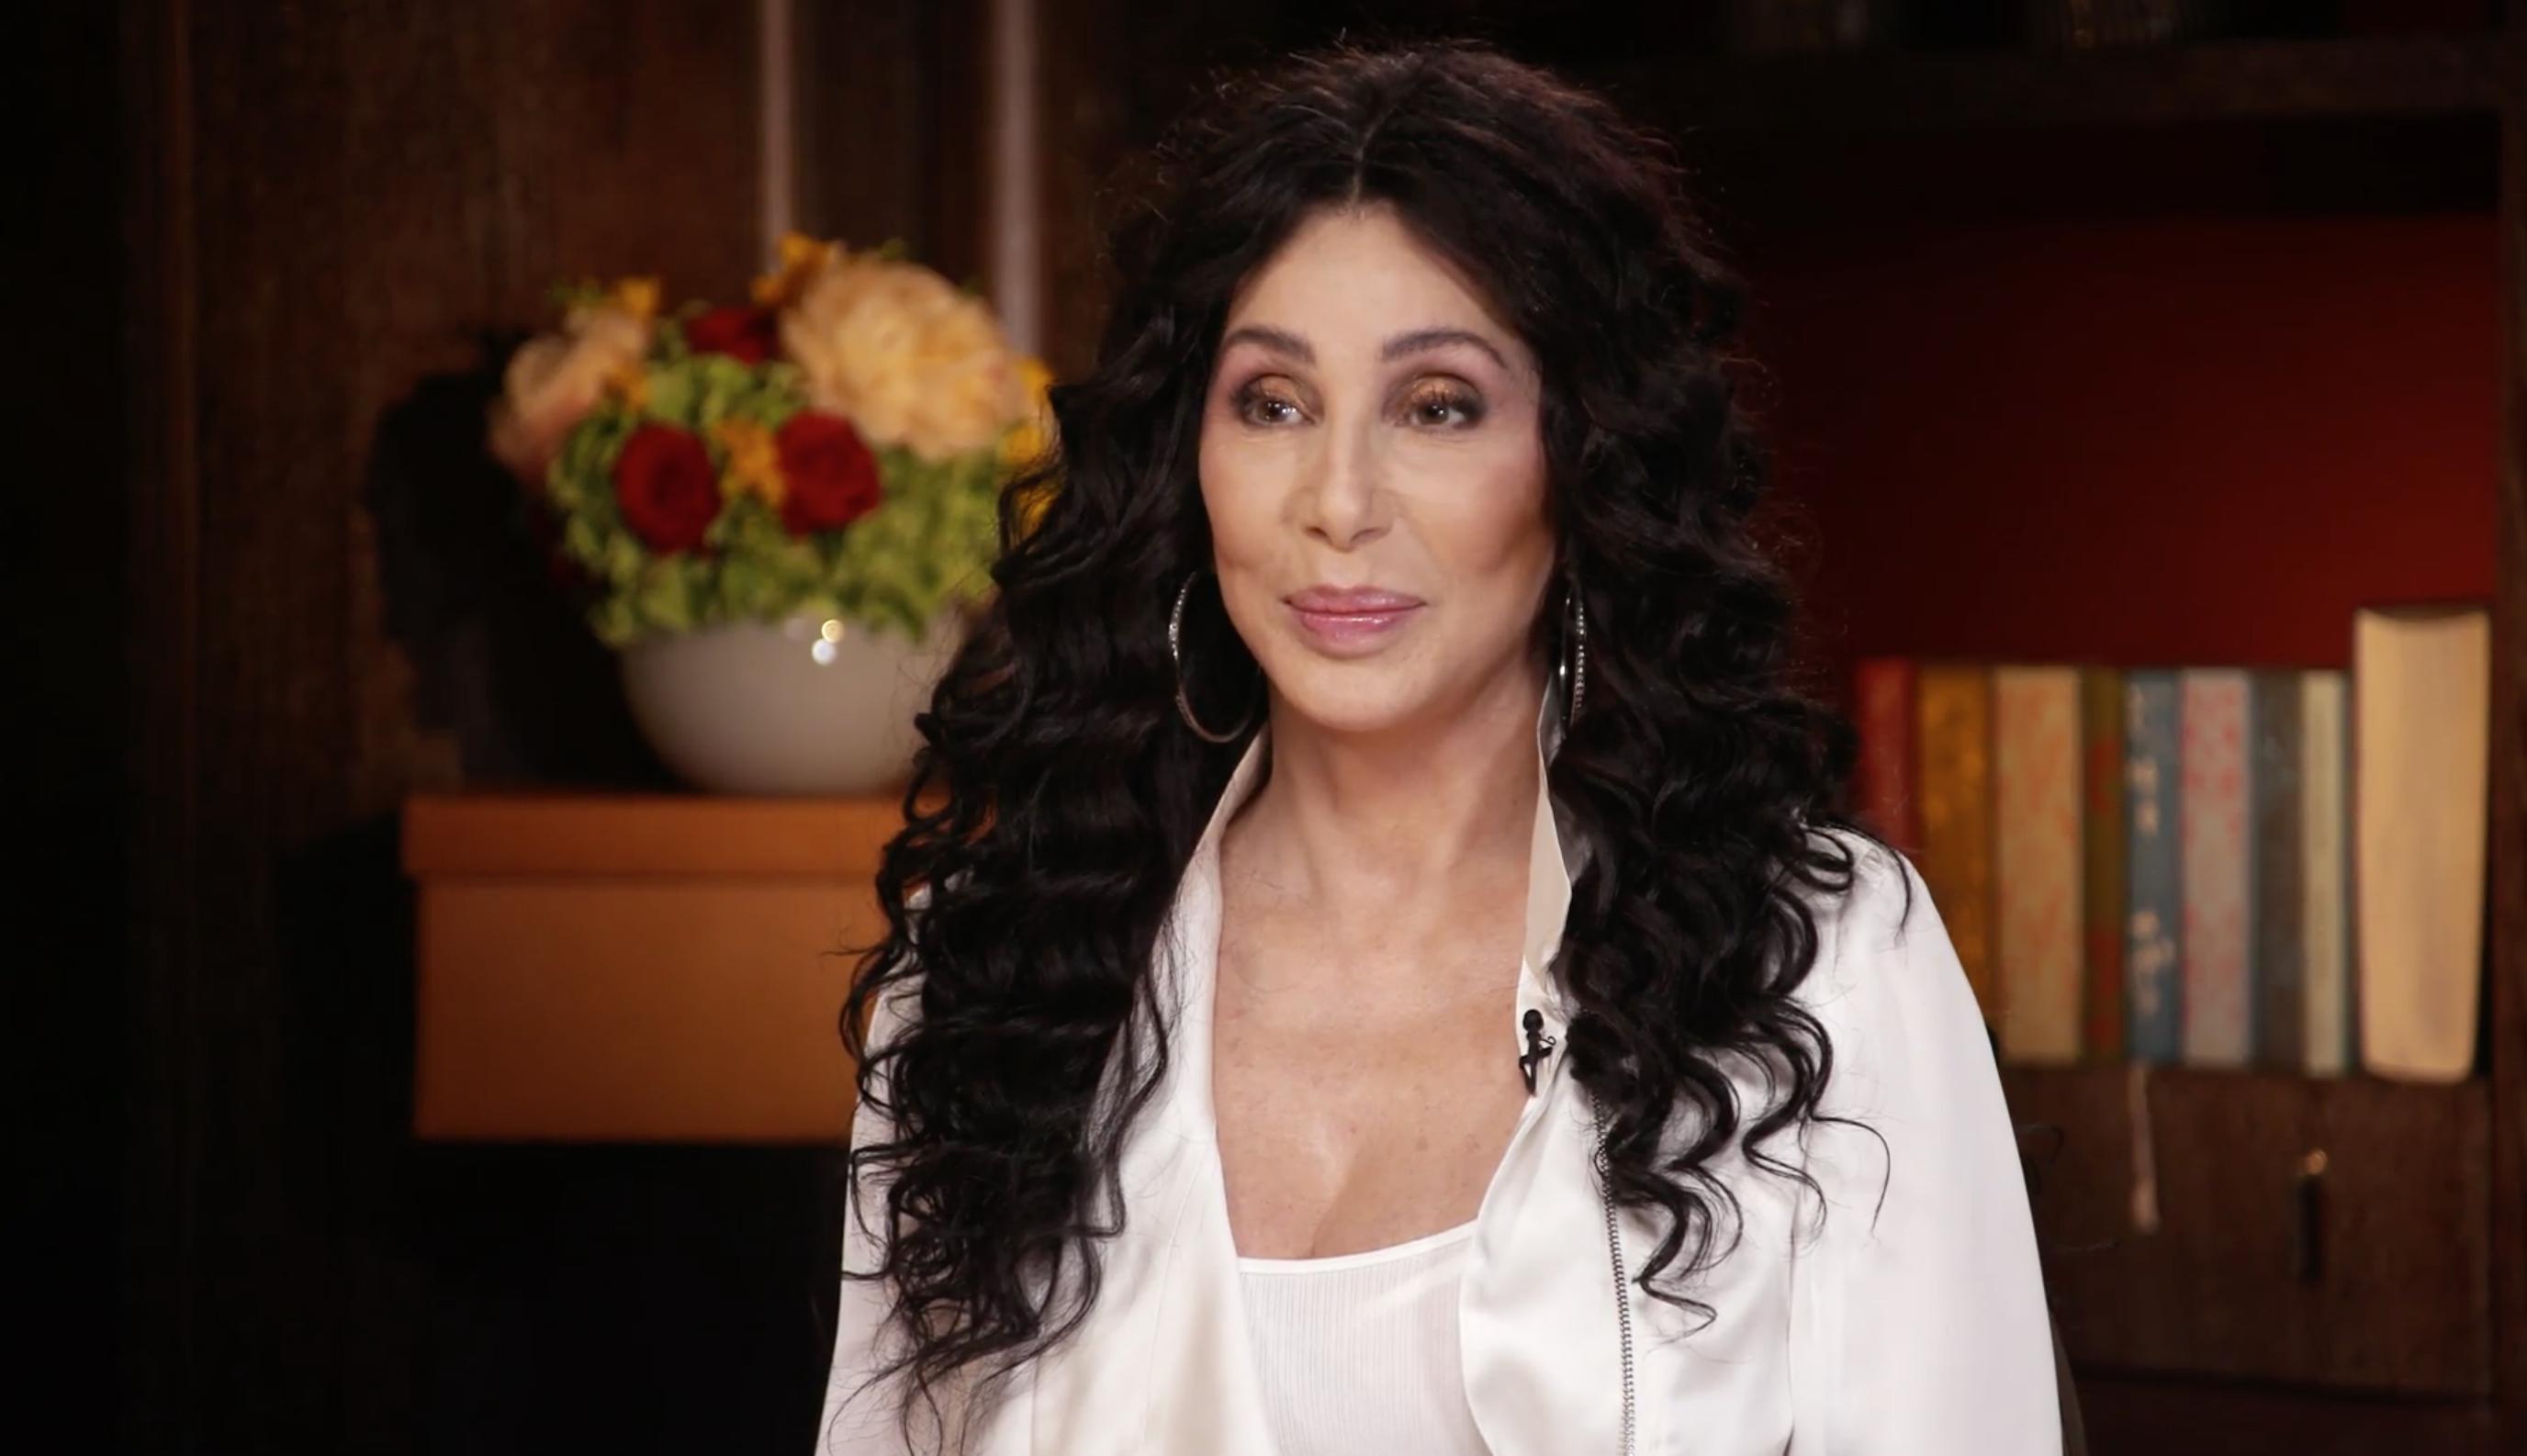 Cher to Release ABBA Covers Album Following 'Mamma Mia' – Rolling Stone